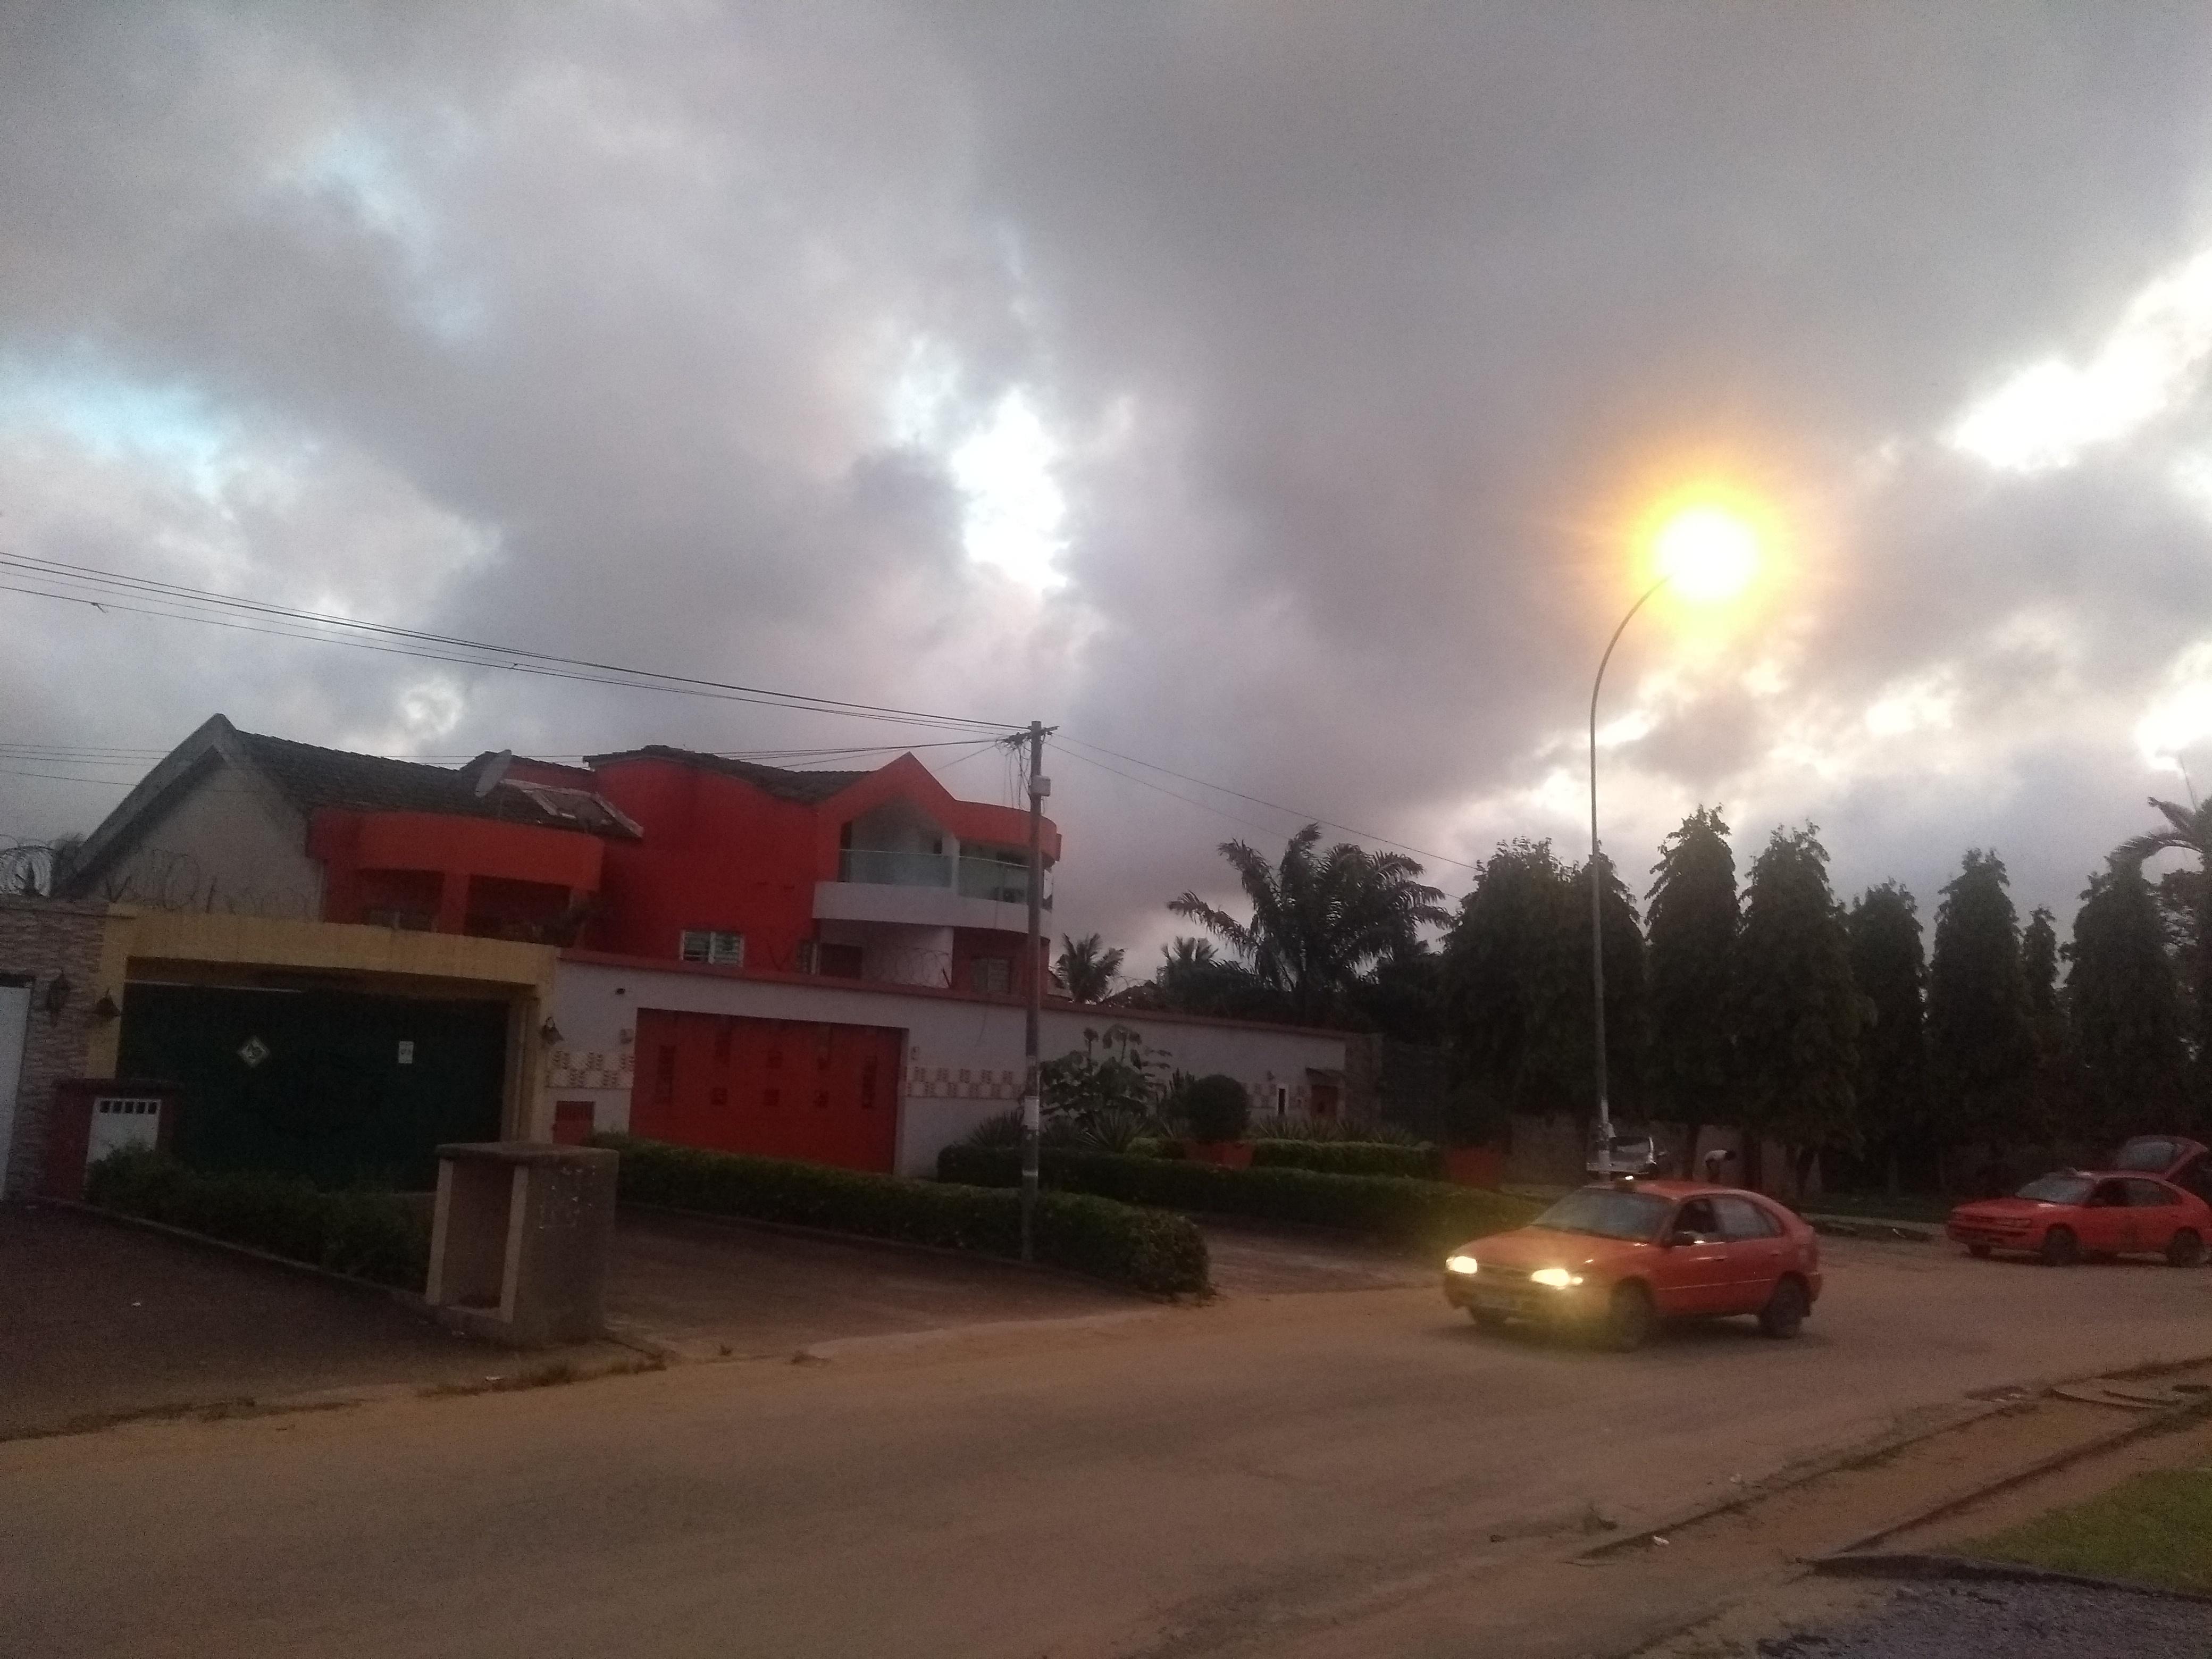 Côte d'Ivoire: Retour dans l'autre monde… Les carnets d'ailleurs de Marco & Paula # 222